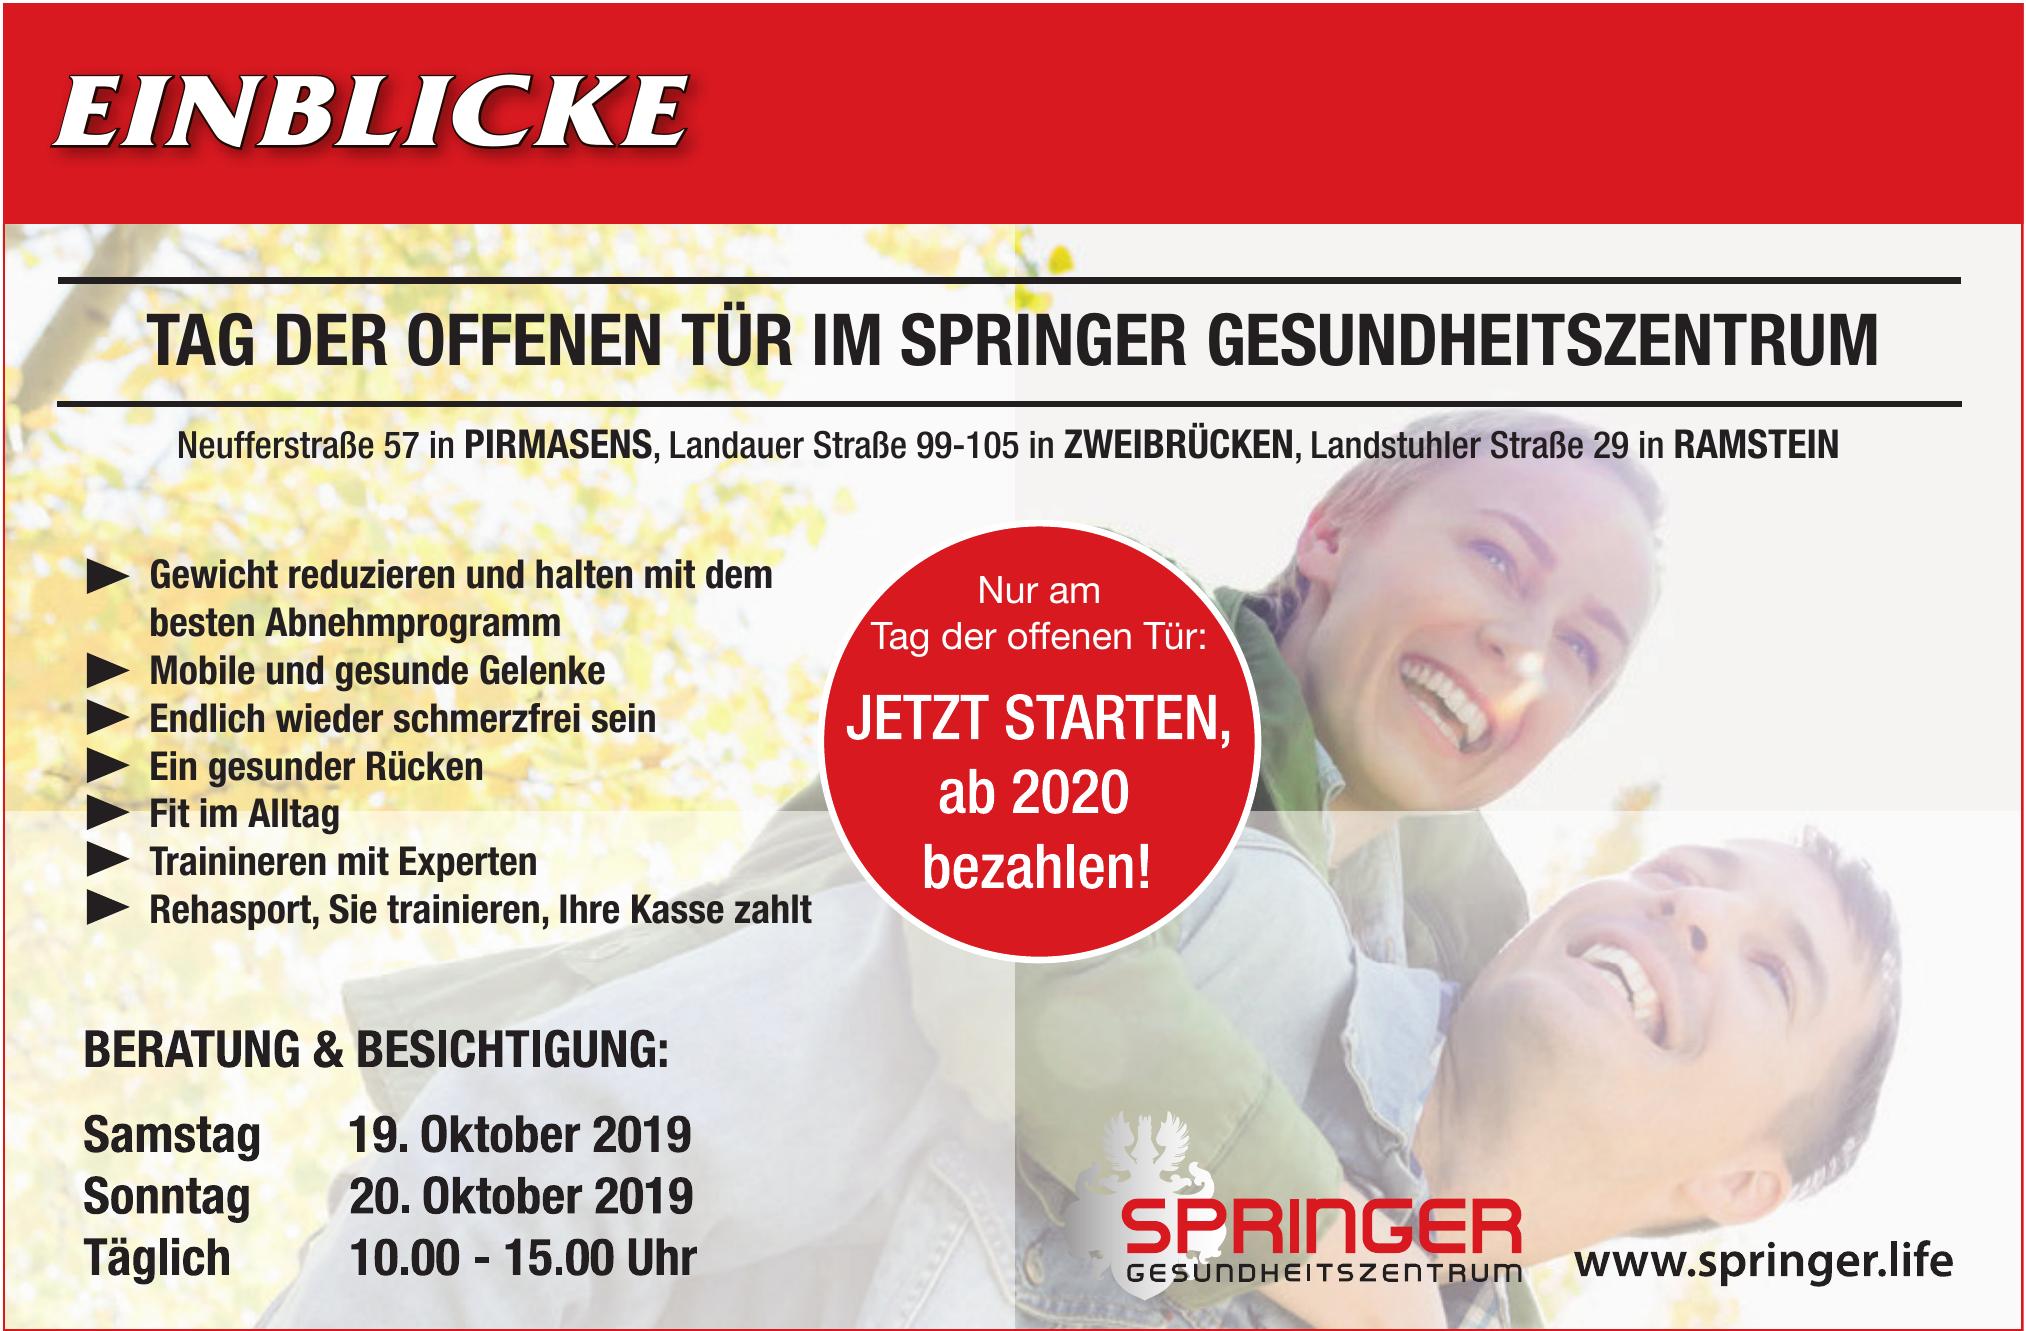 Springer Gesundheitszentrum